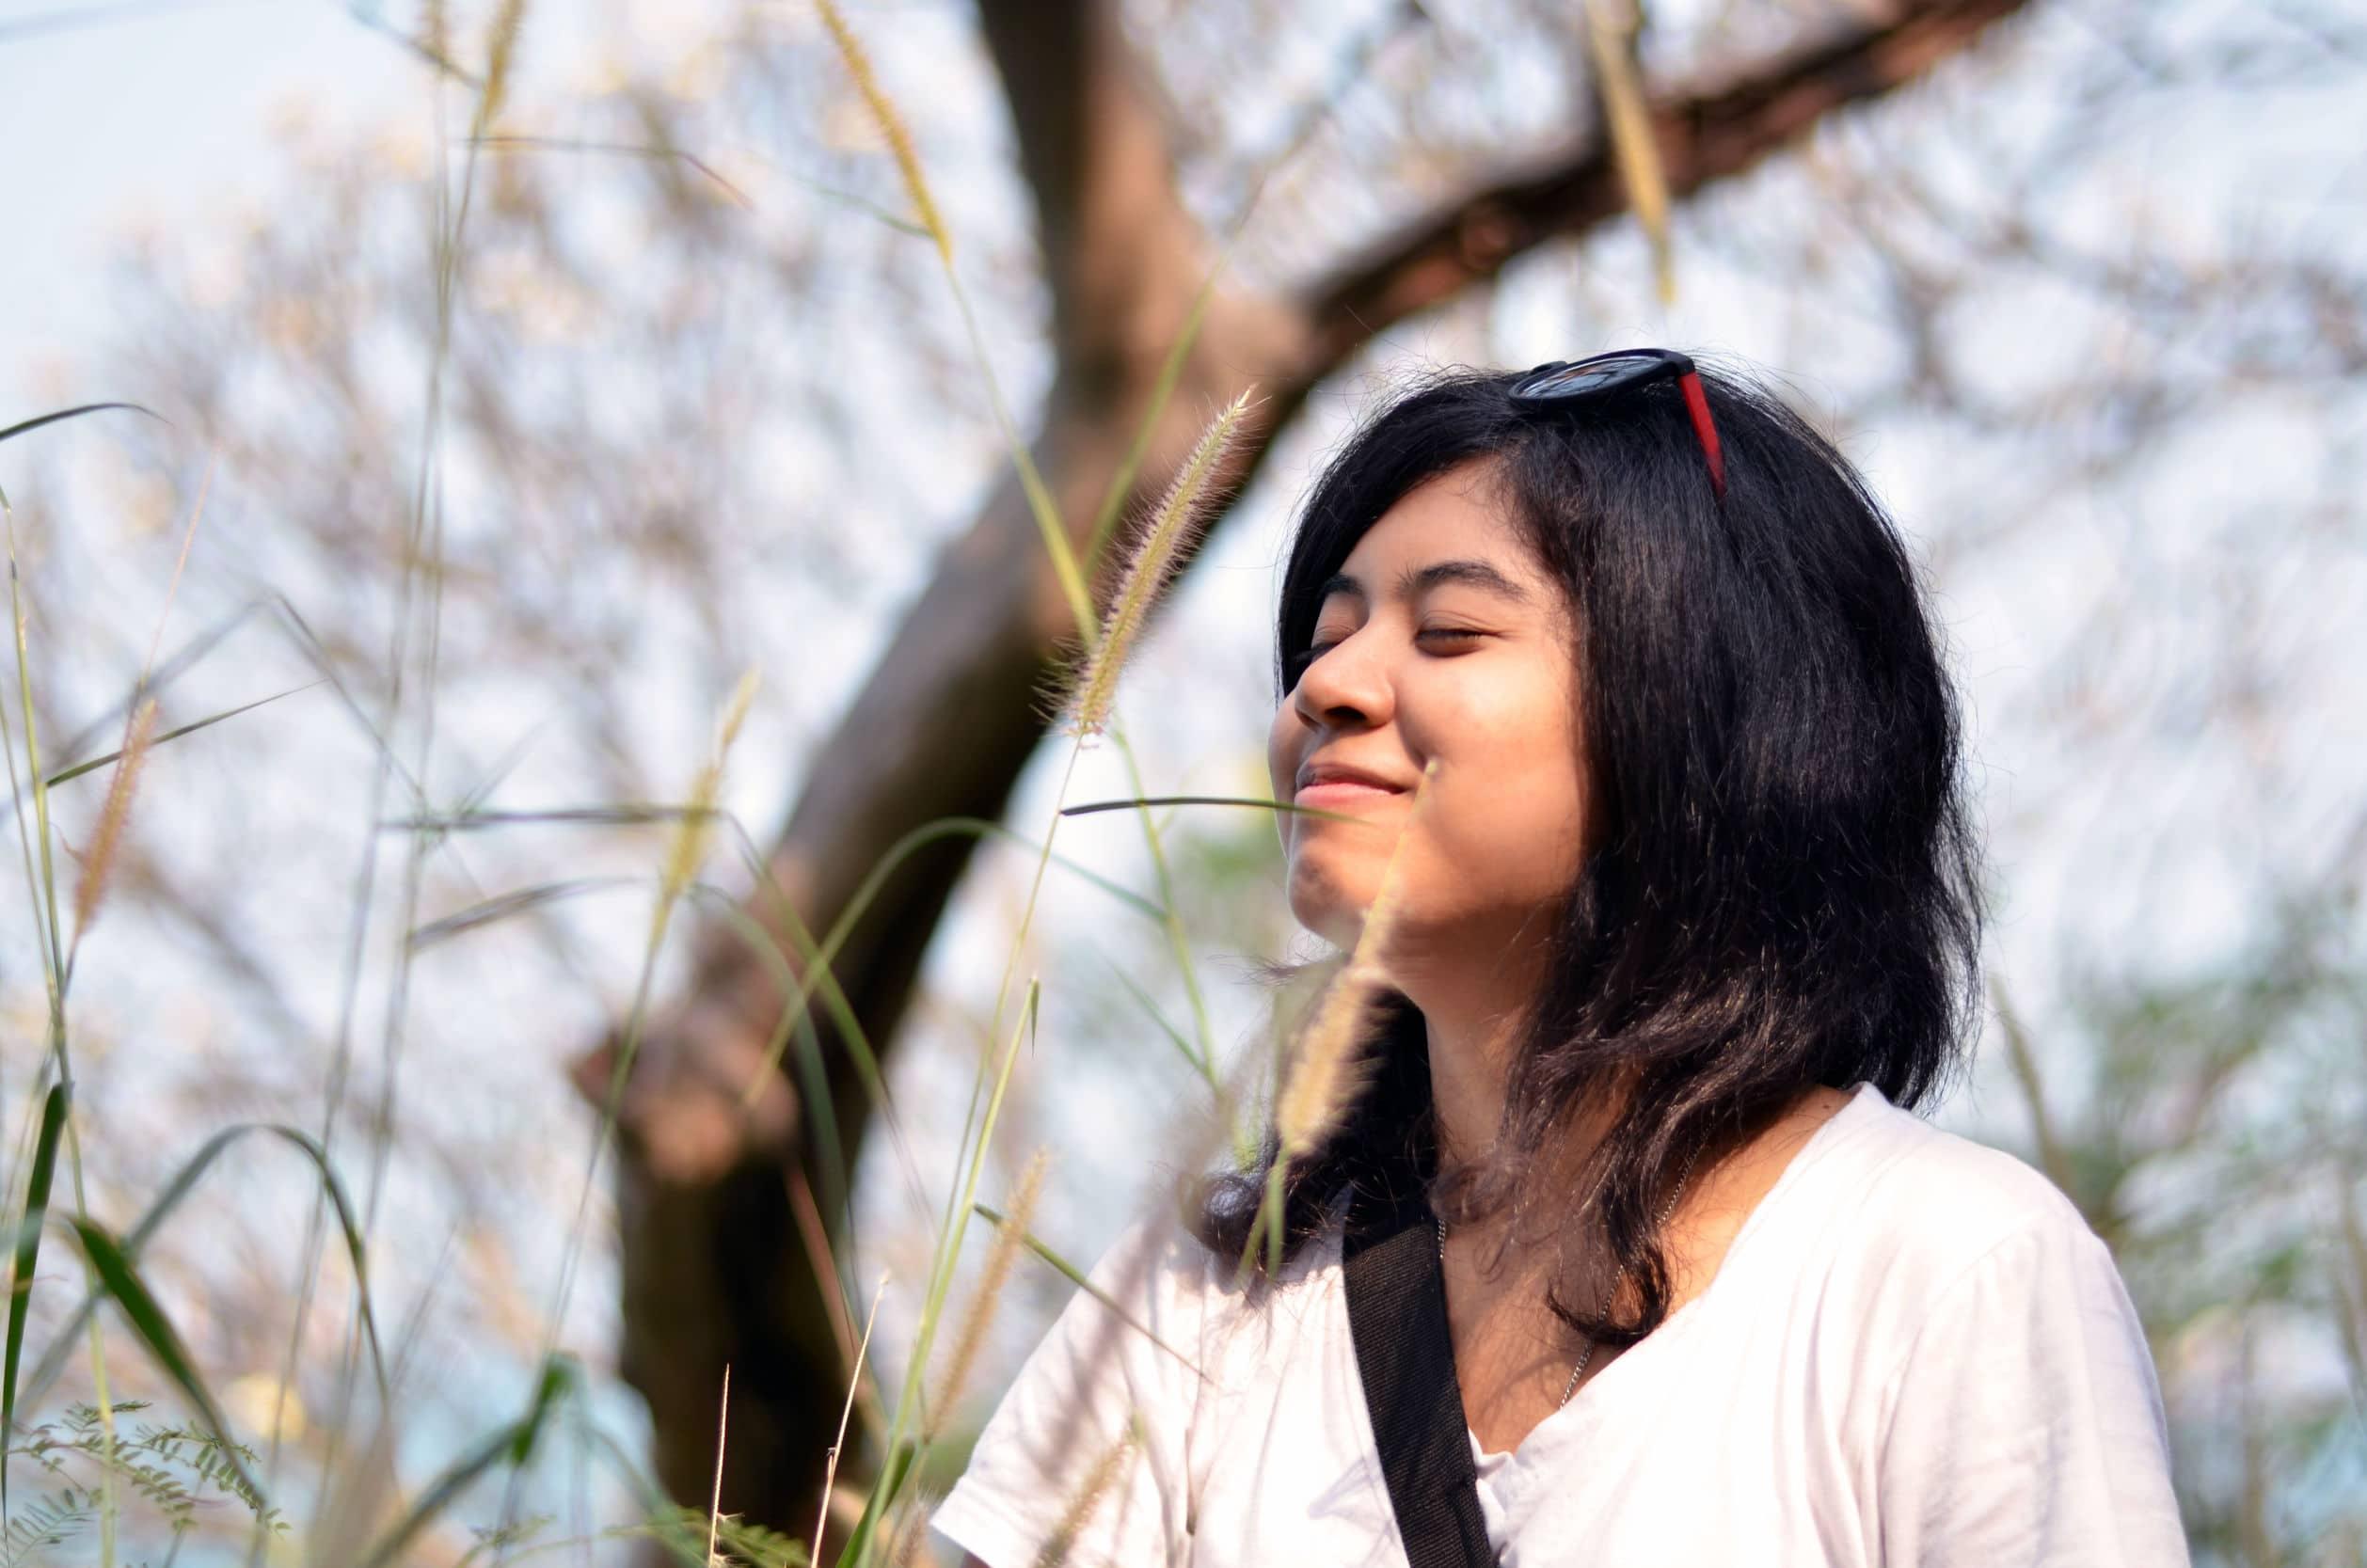 Mulher asiática nova respirando ar fresco no jardim